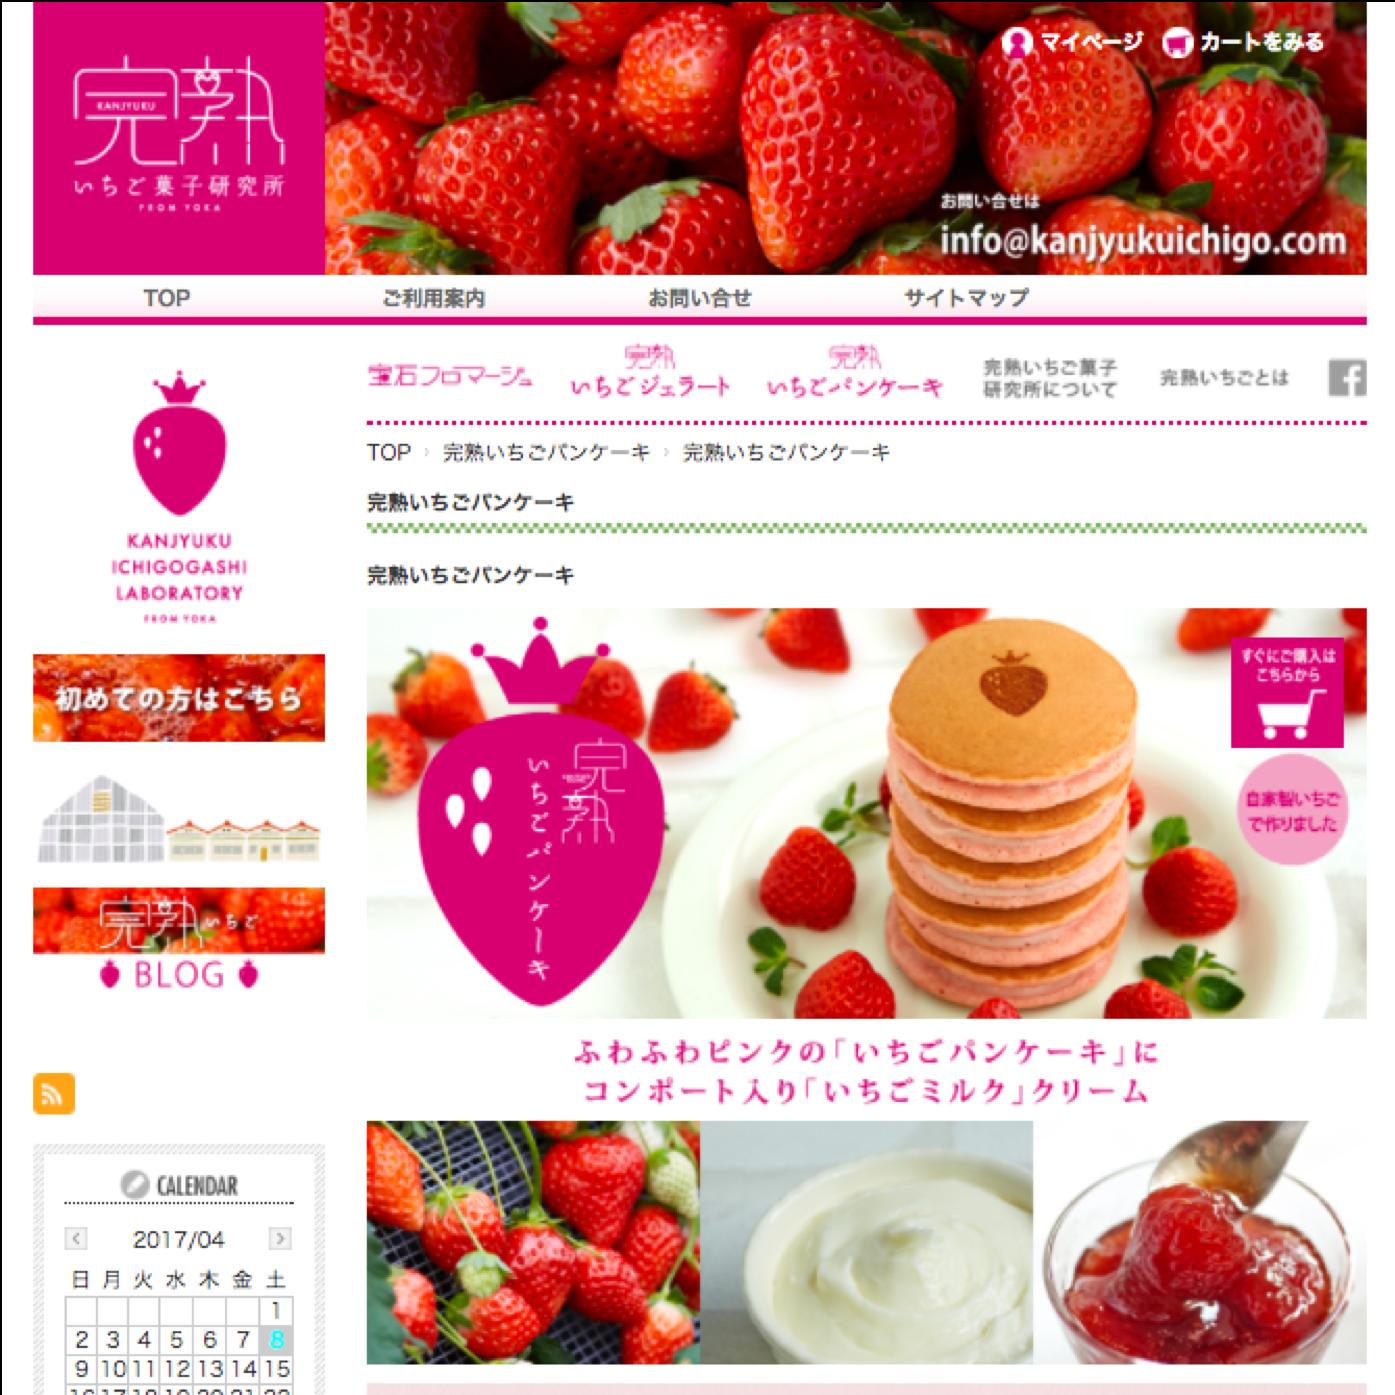 完熟いちご菓子研究所 ECサイトデザイン